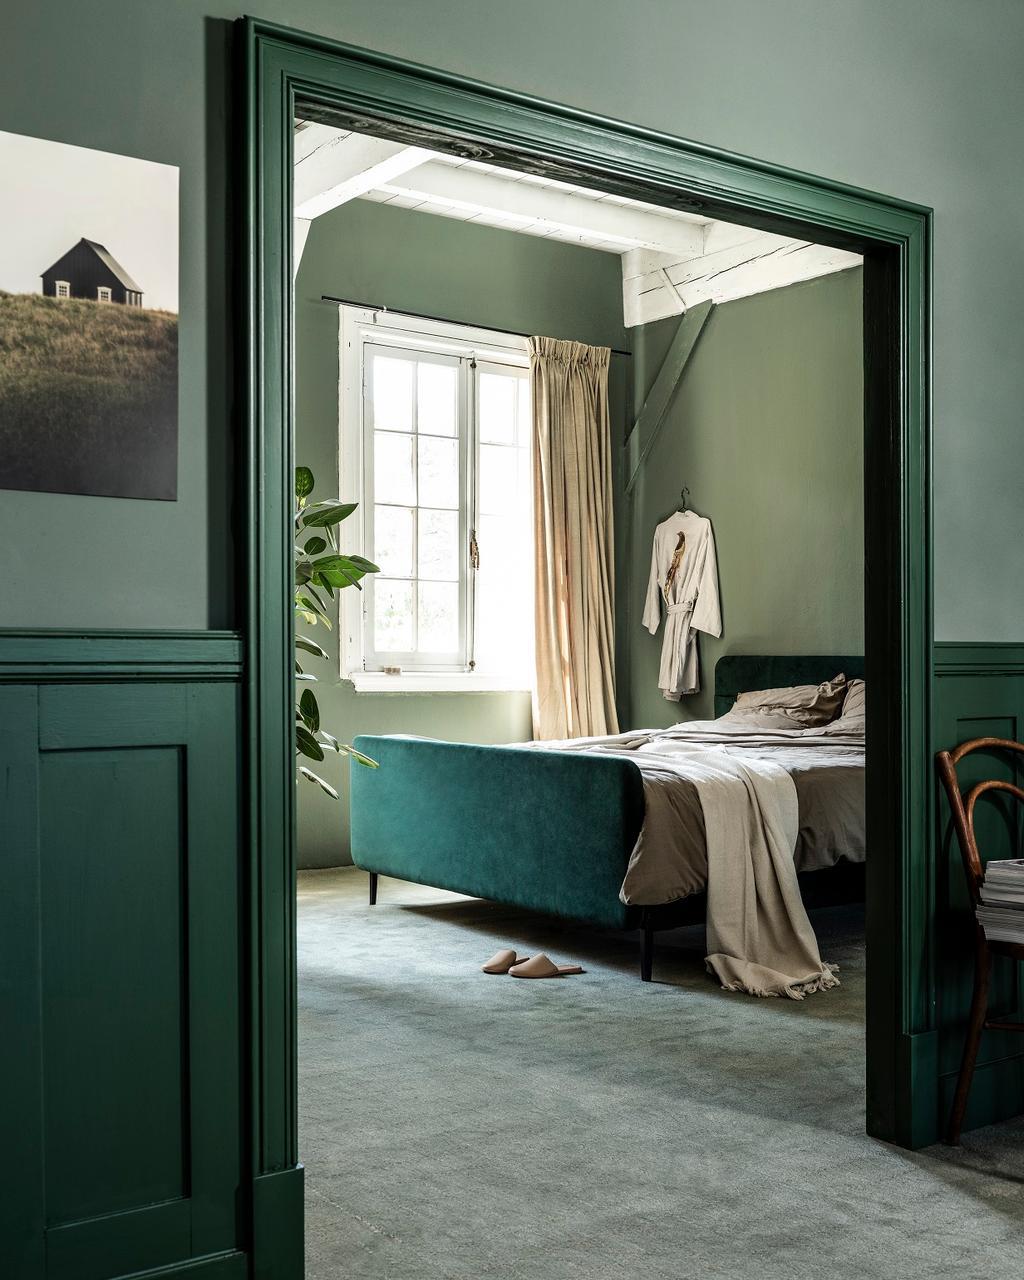 grijs vloerkleed slaapkamer